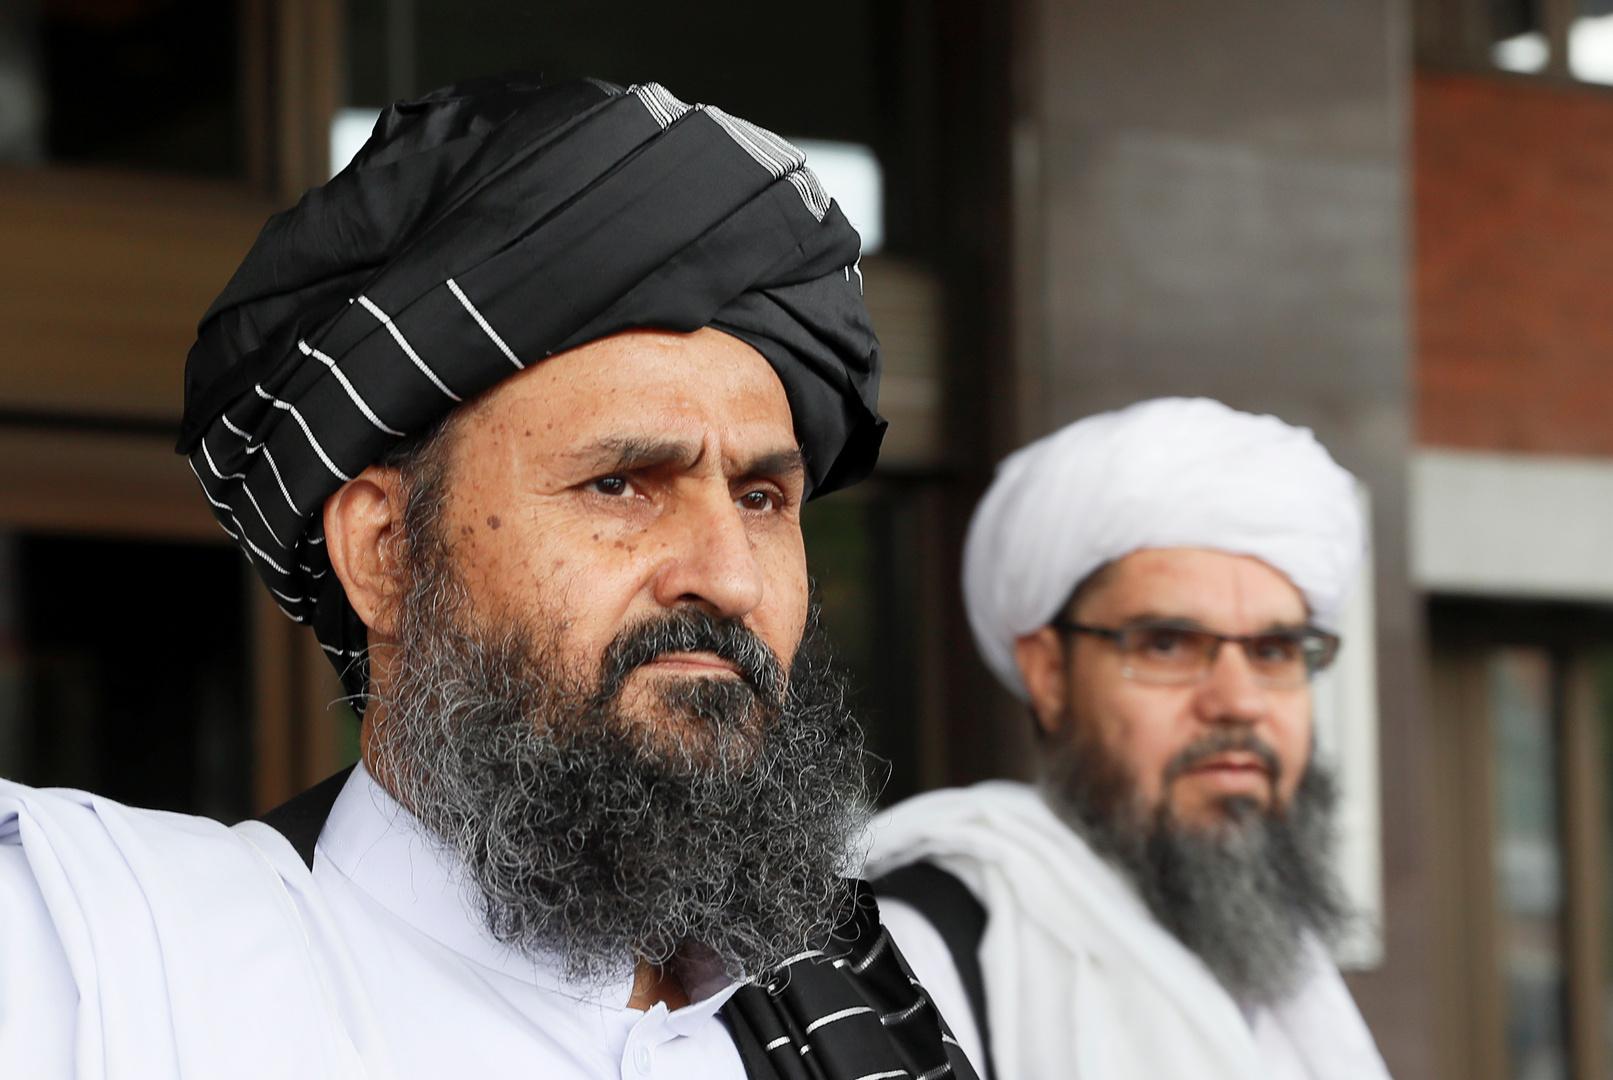 بوتين: يجب تبني قرارات بشأن إضفاء الشرعية على قوى سياسية في أفغانستان على أساس جماعي